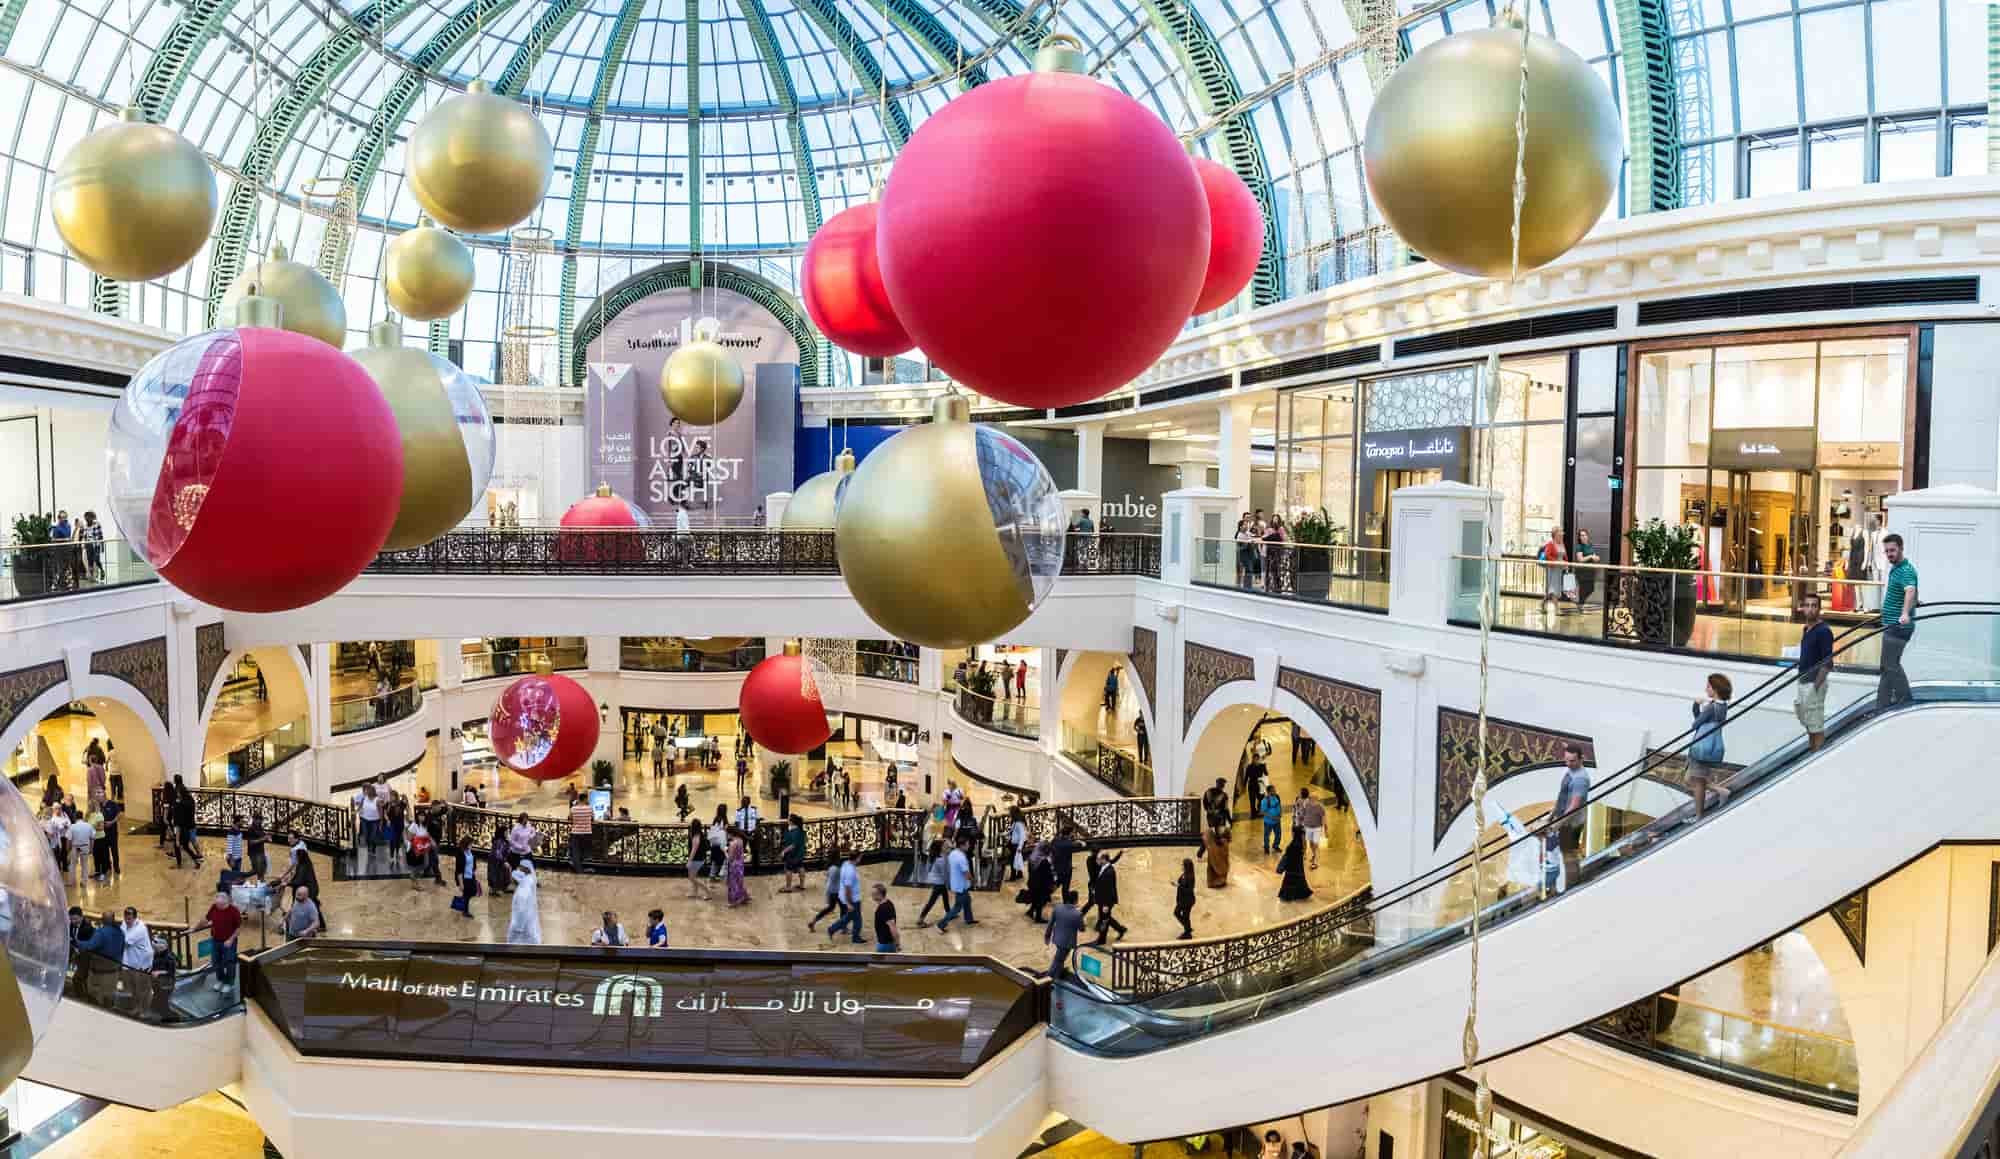 Post COVID 19: Dubai Back to Normal